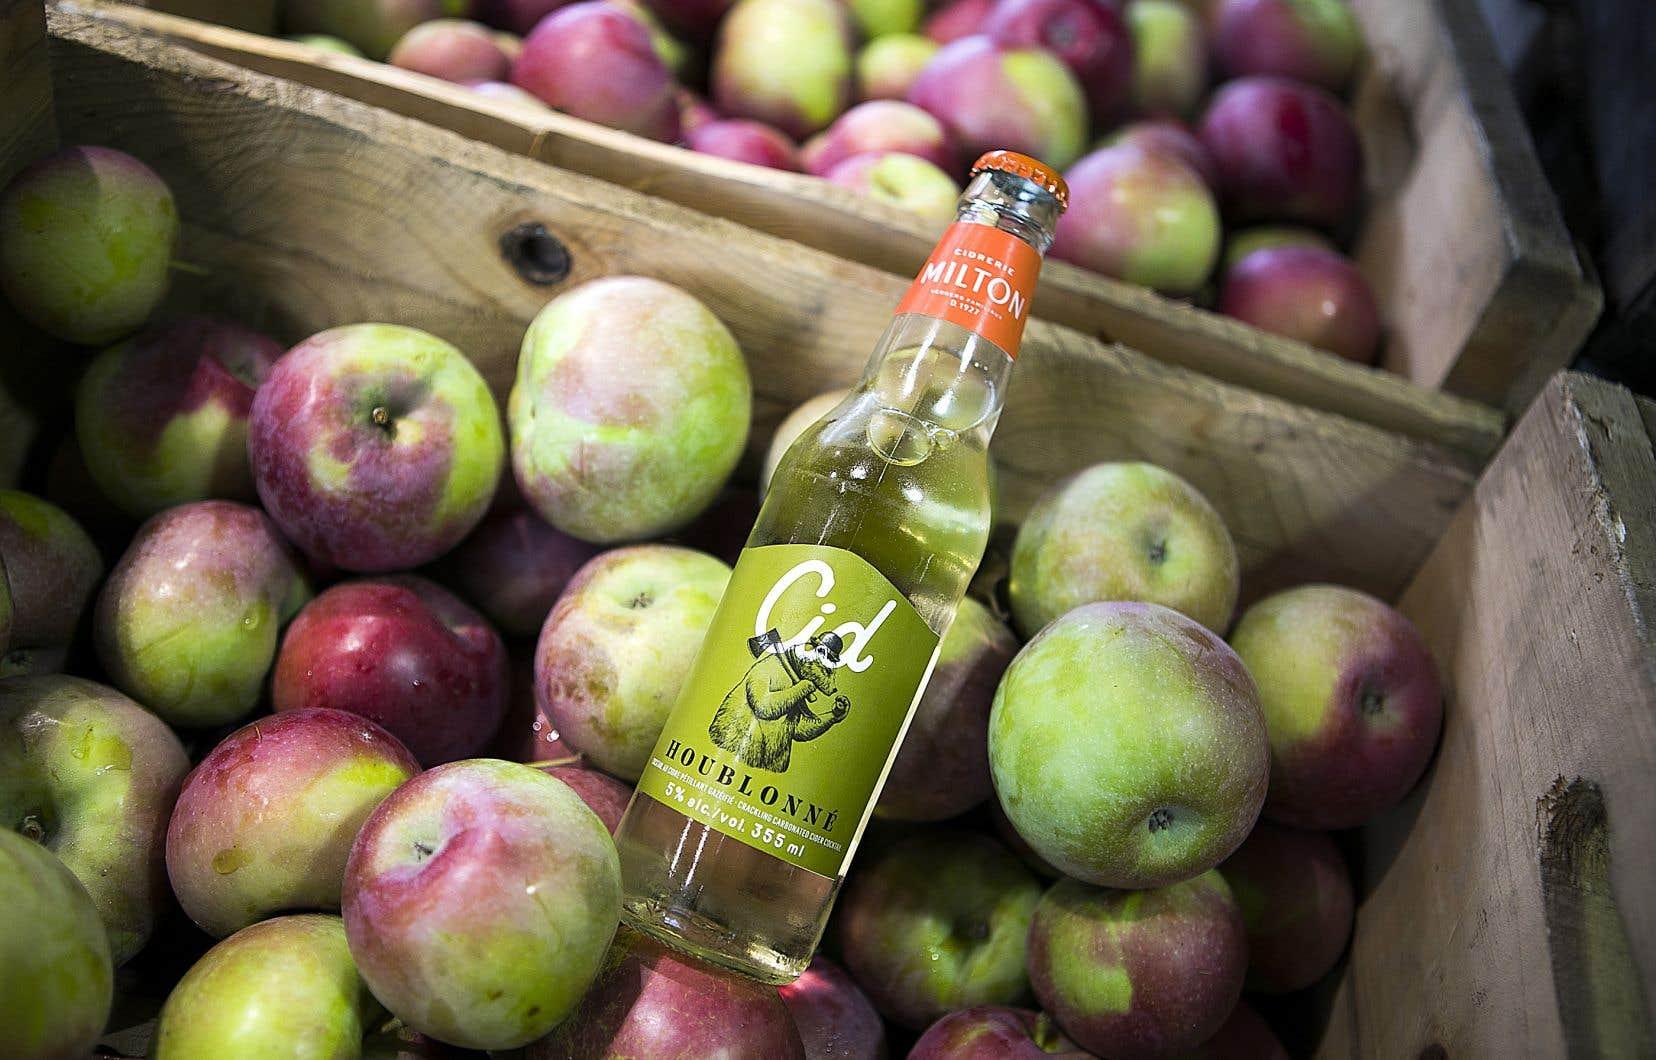 La recette du Cid Houblonné est réalisée à partir du jus extrait de pommes Macintosh et Spartan.